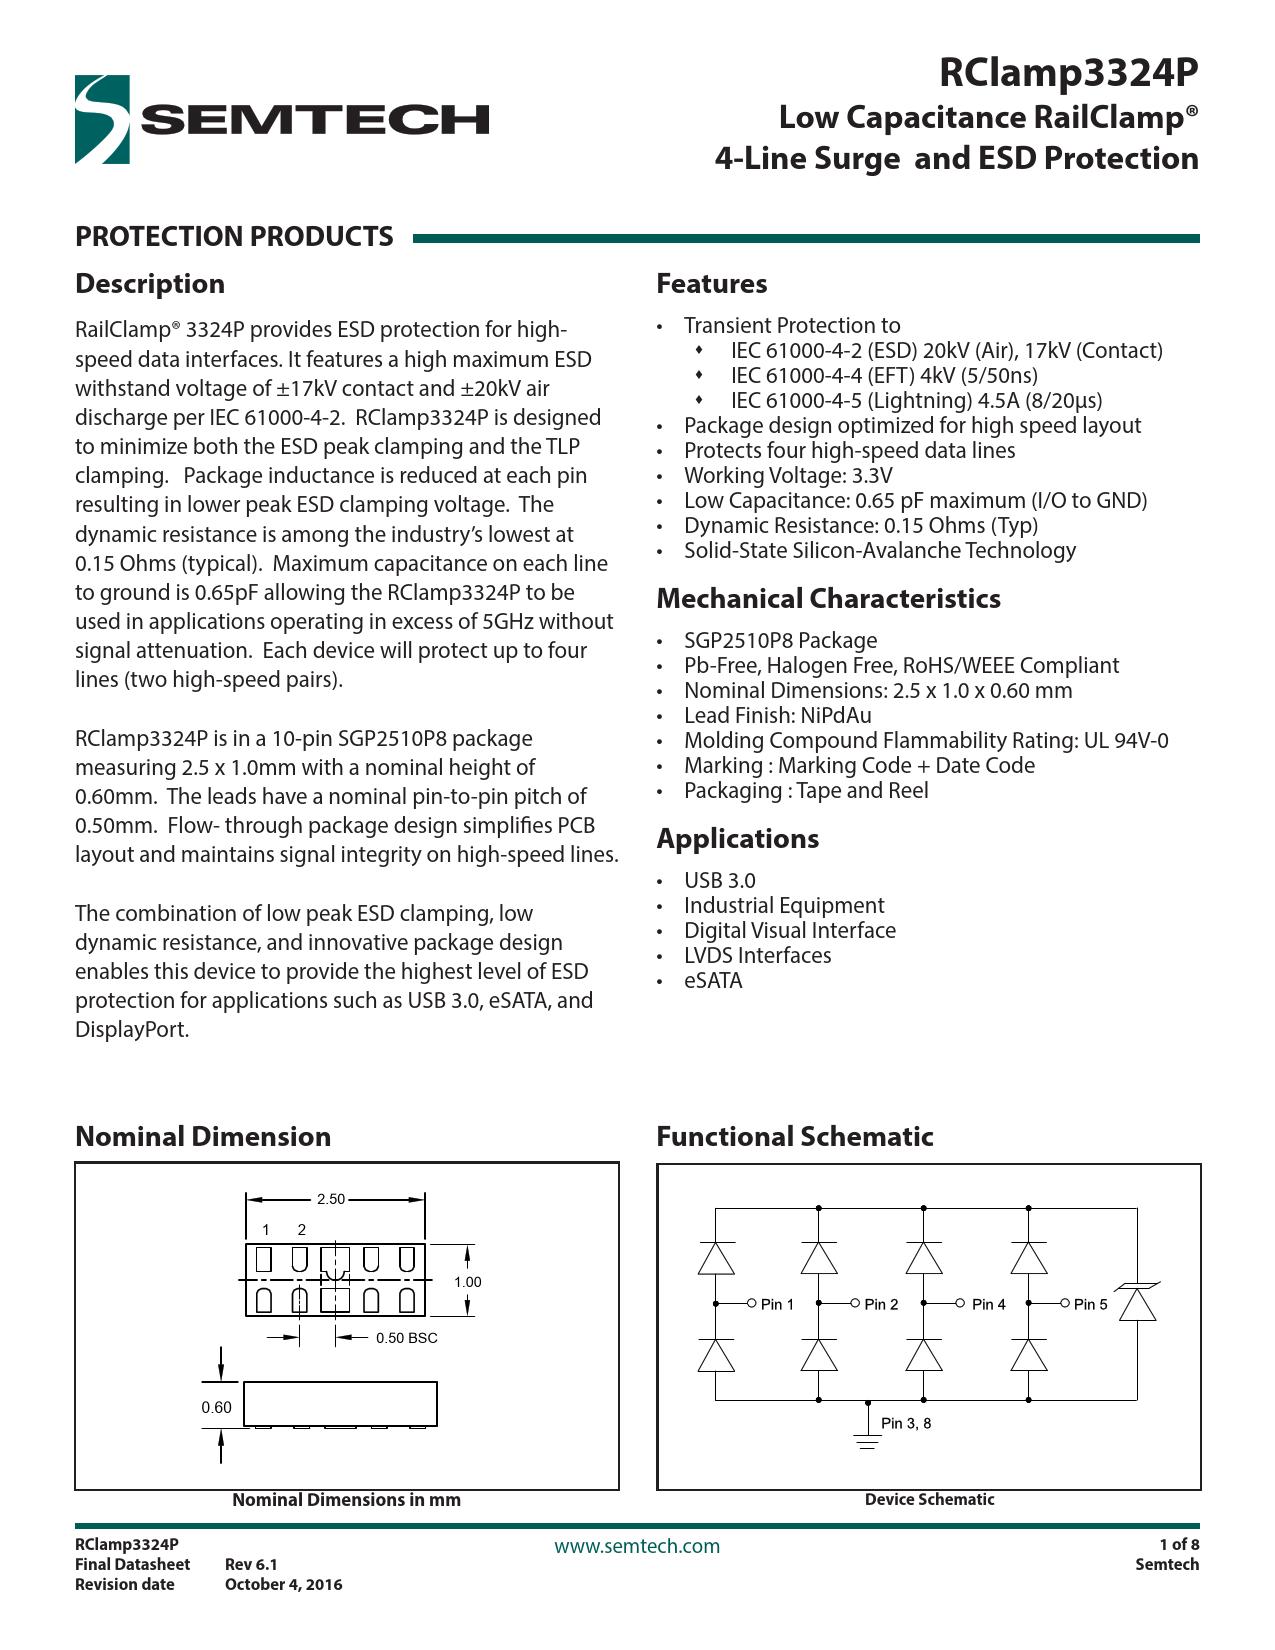 Datasheet RClamp3324P Semtech